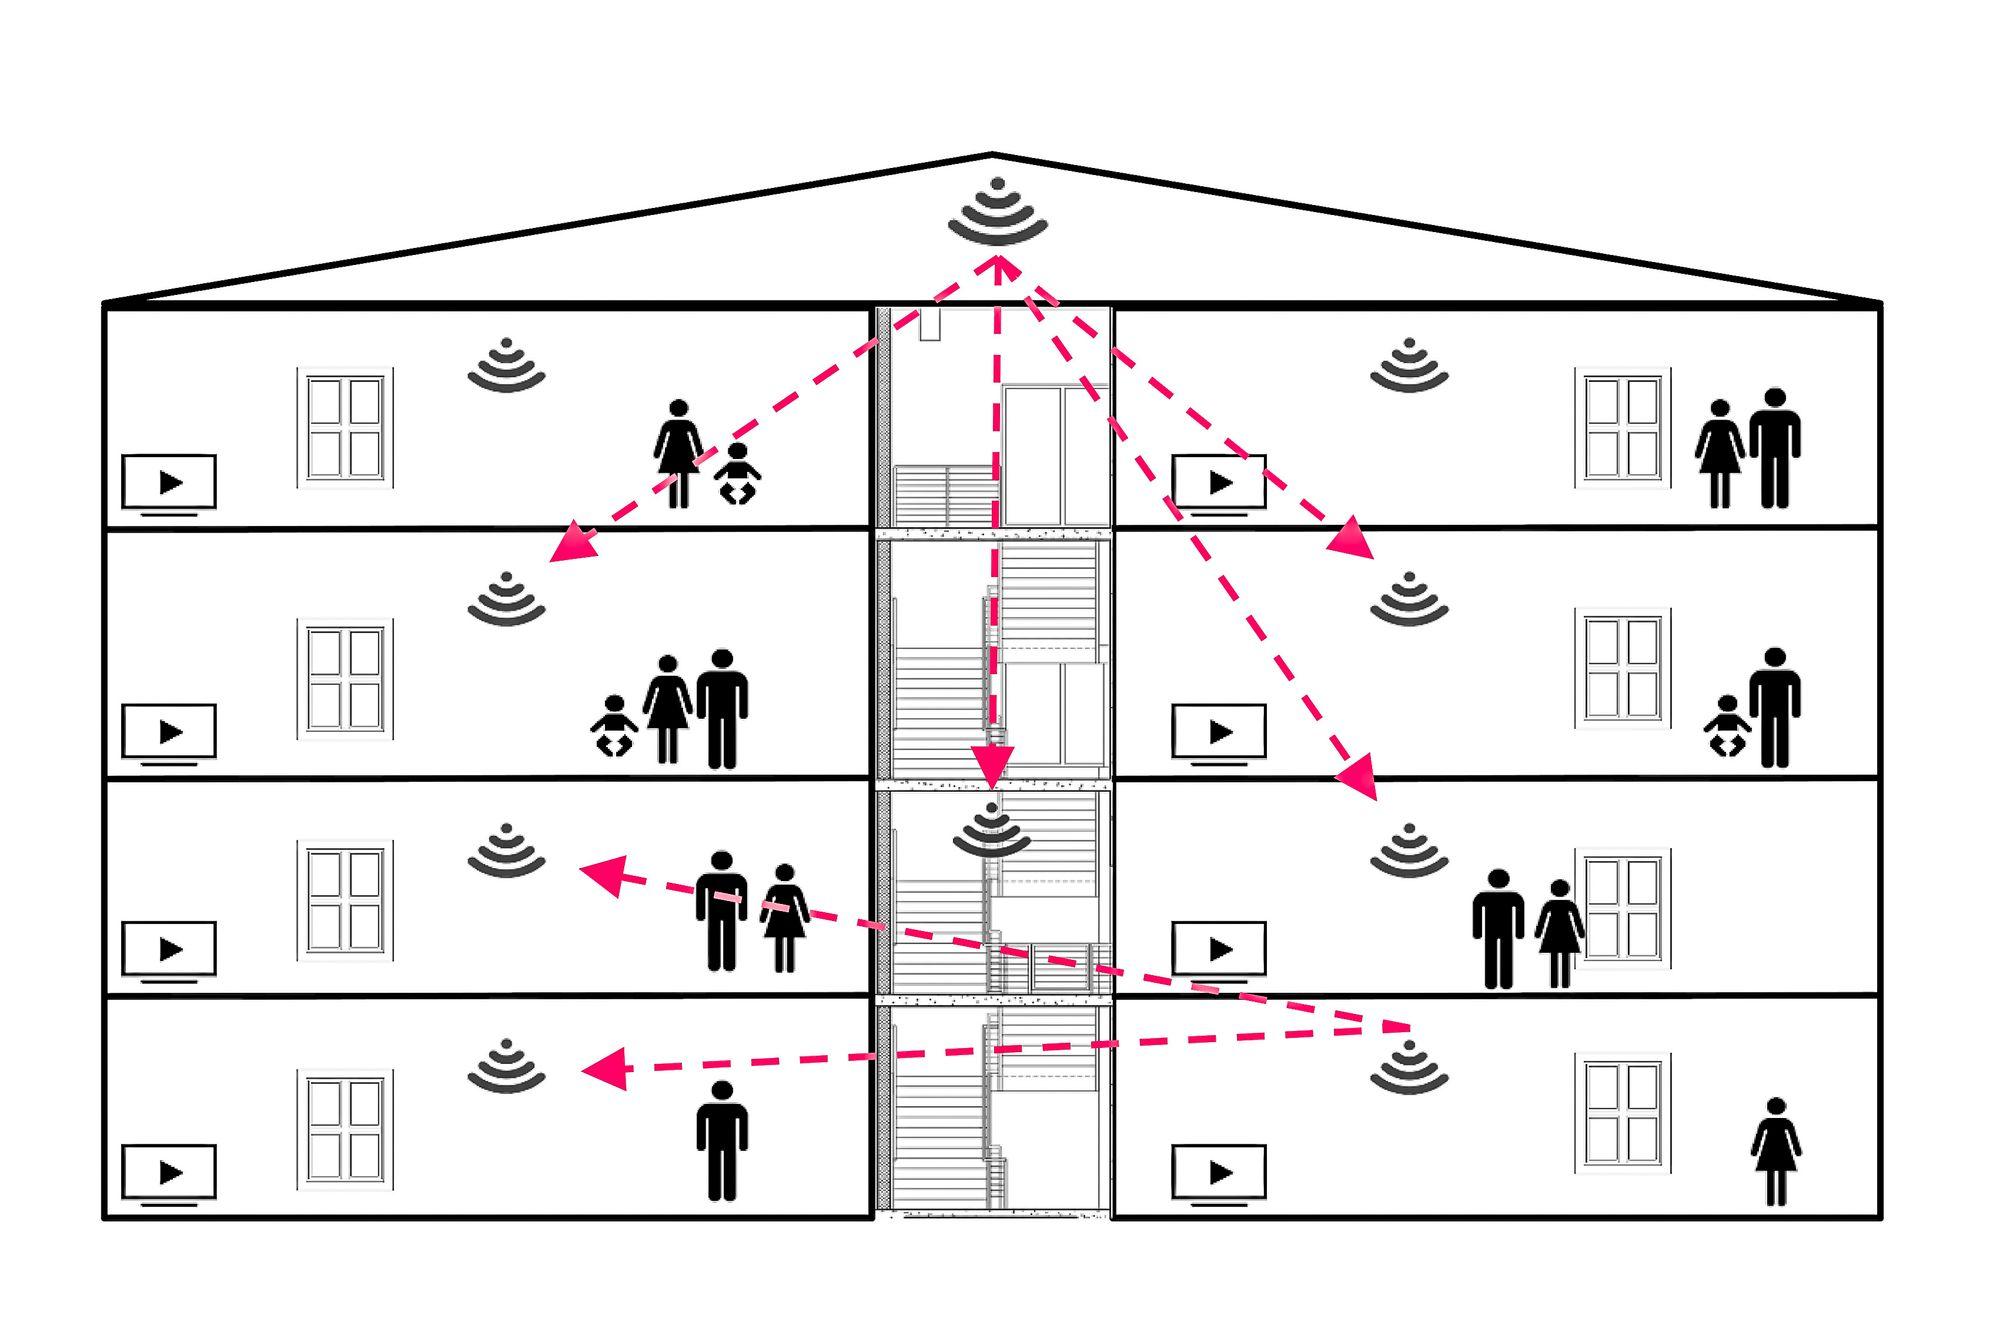 Varsler alle: I en boligblokk vil alle få varsel om det oppstår brann i en leilighet. Men på en mye billigere måte enn med dagens systemer og med mye mer funksjonalitet.